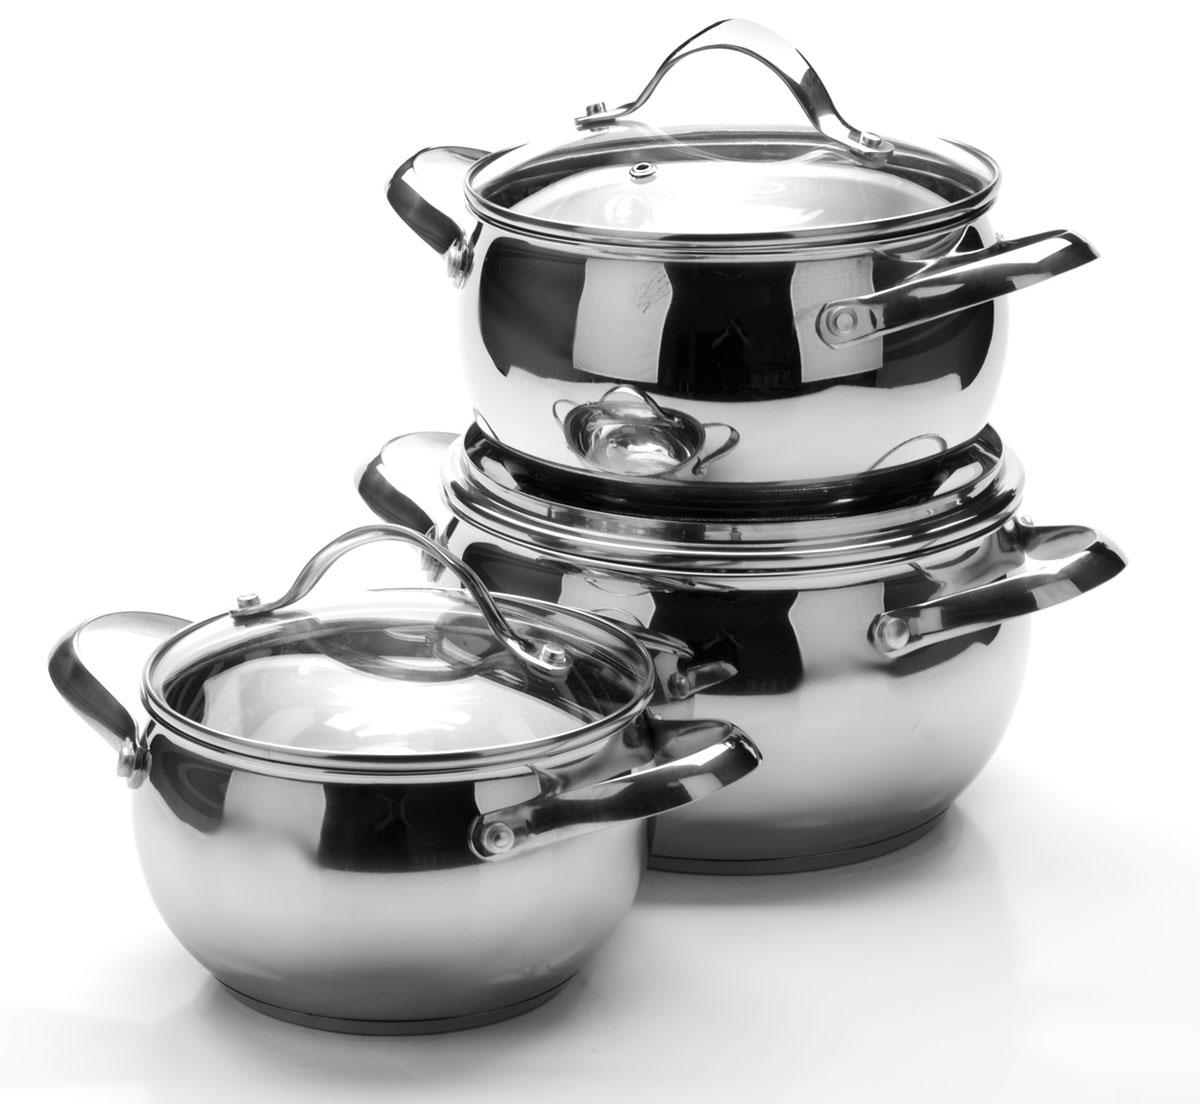 Набор посуды Mayer & Boch, 6 предметов. 250953916022+2,7+3,7л